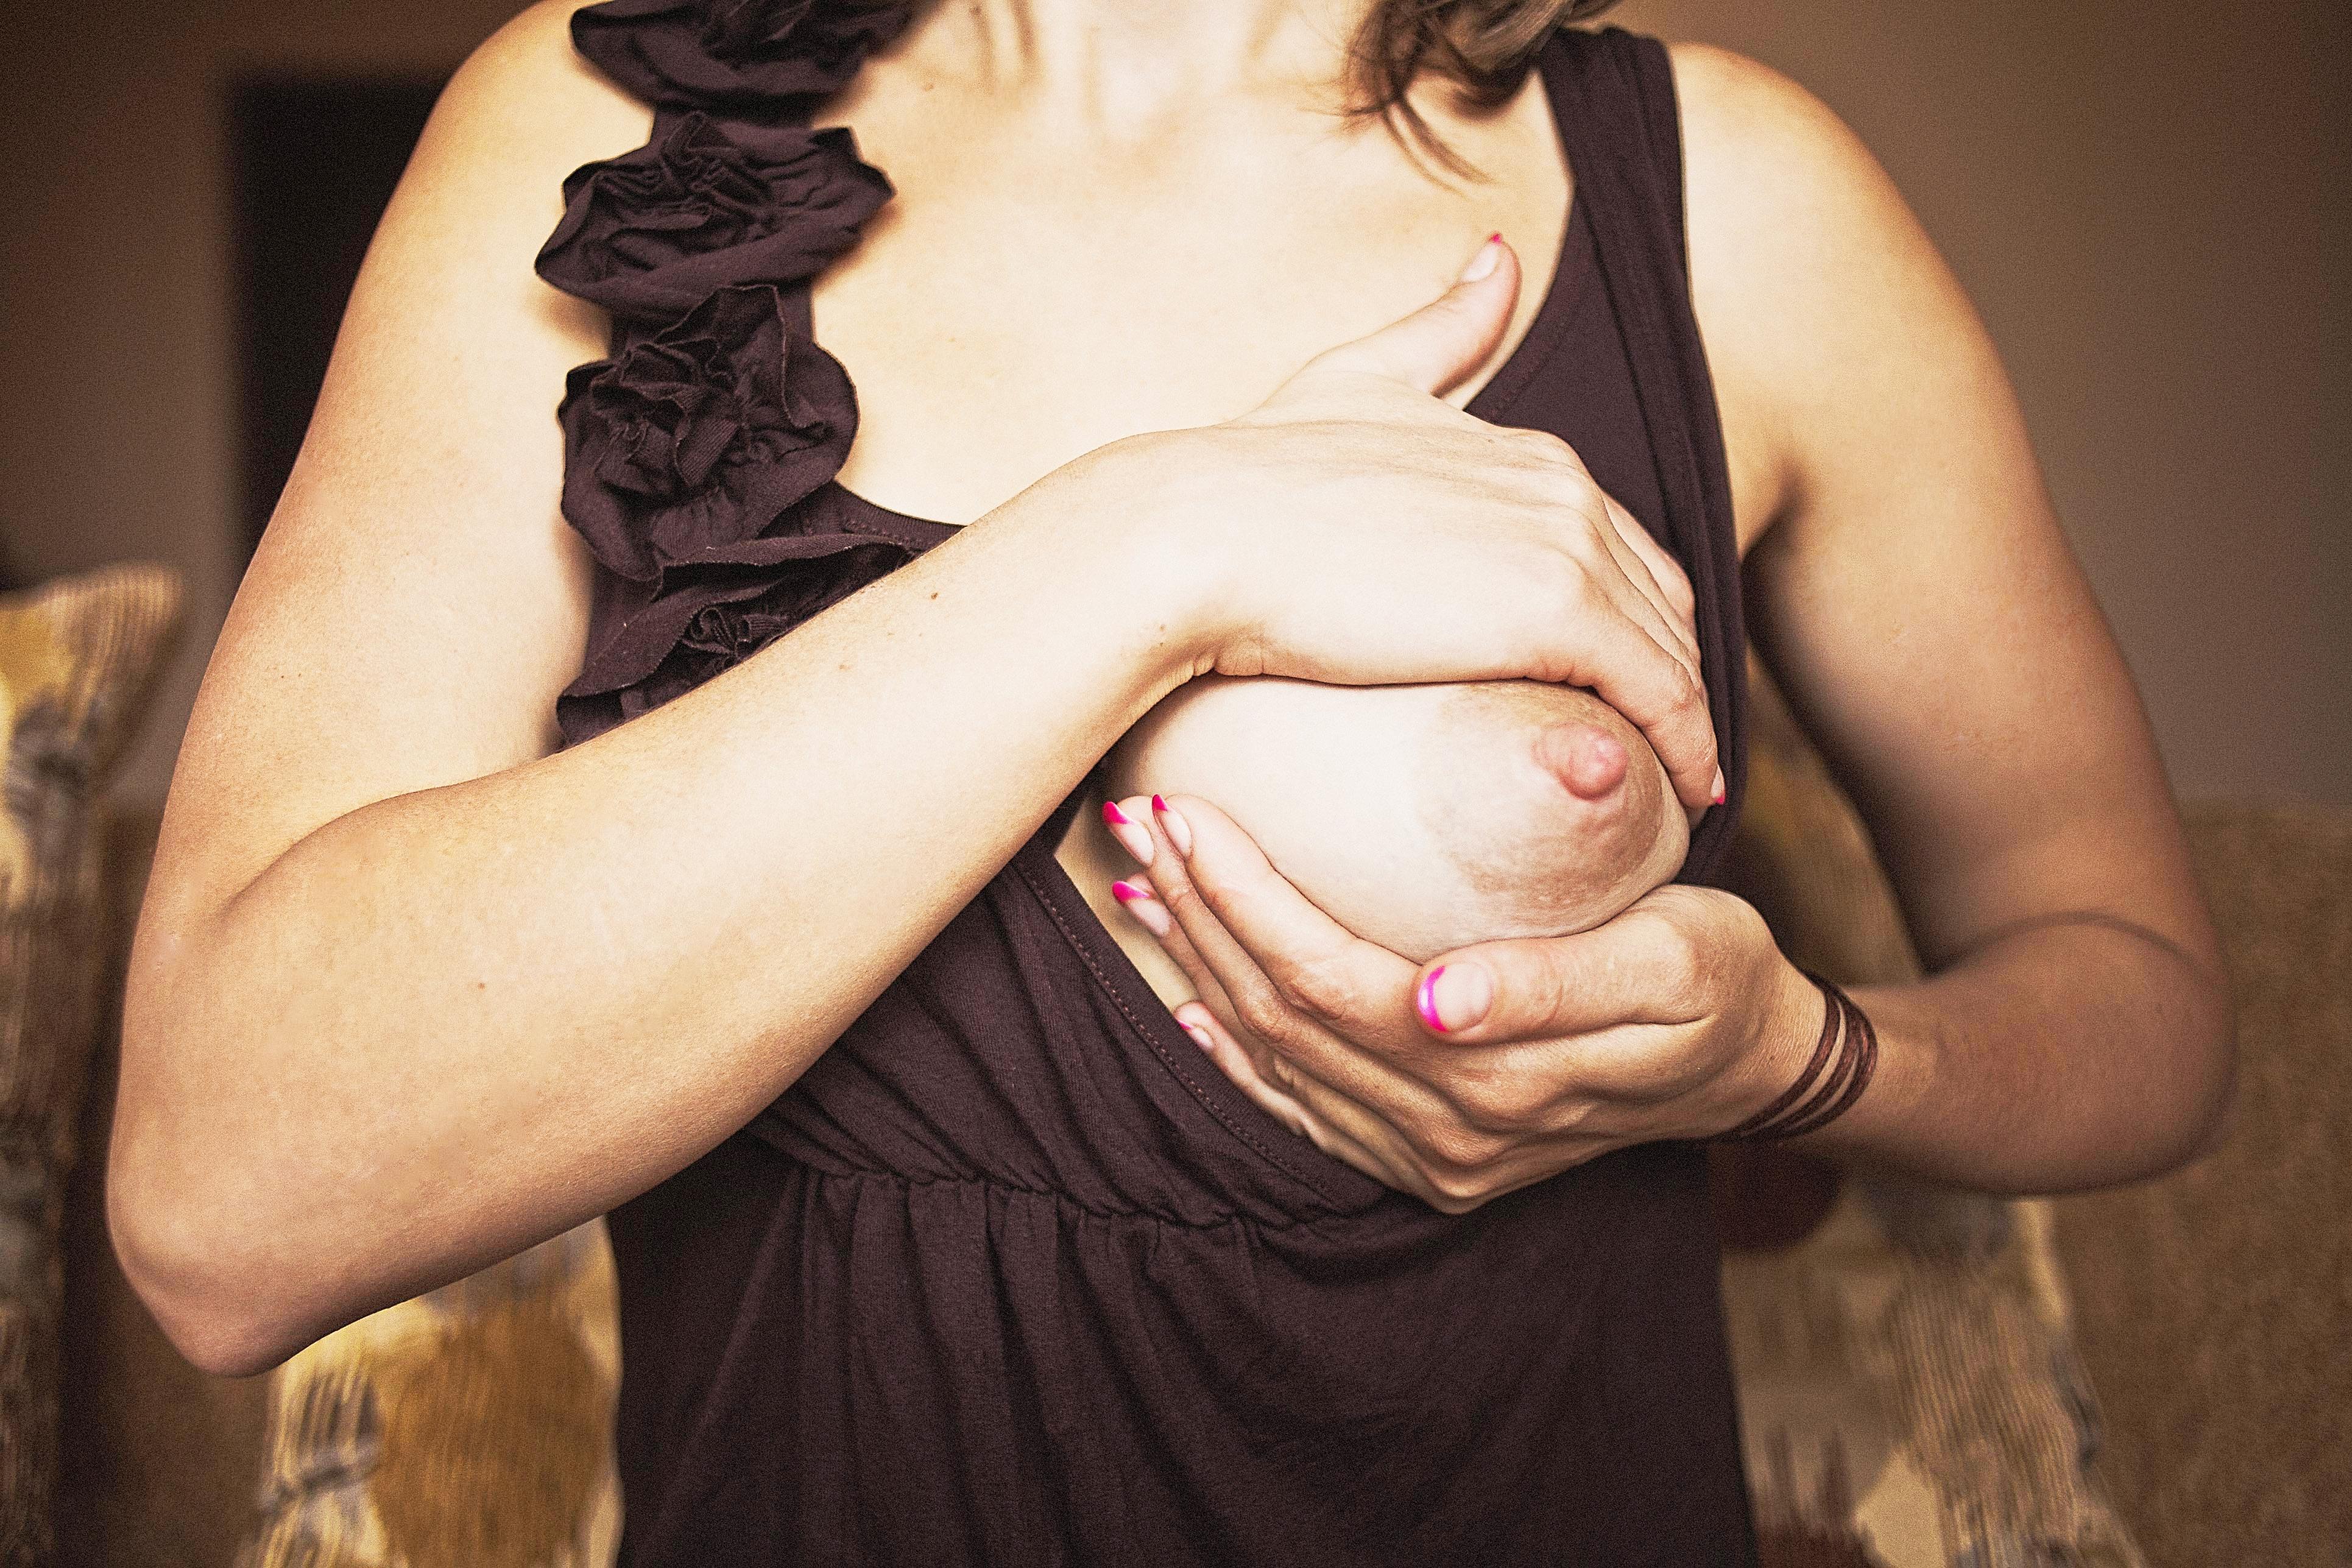 ручное сцеживание грудного молока